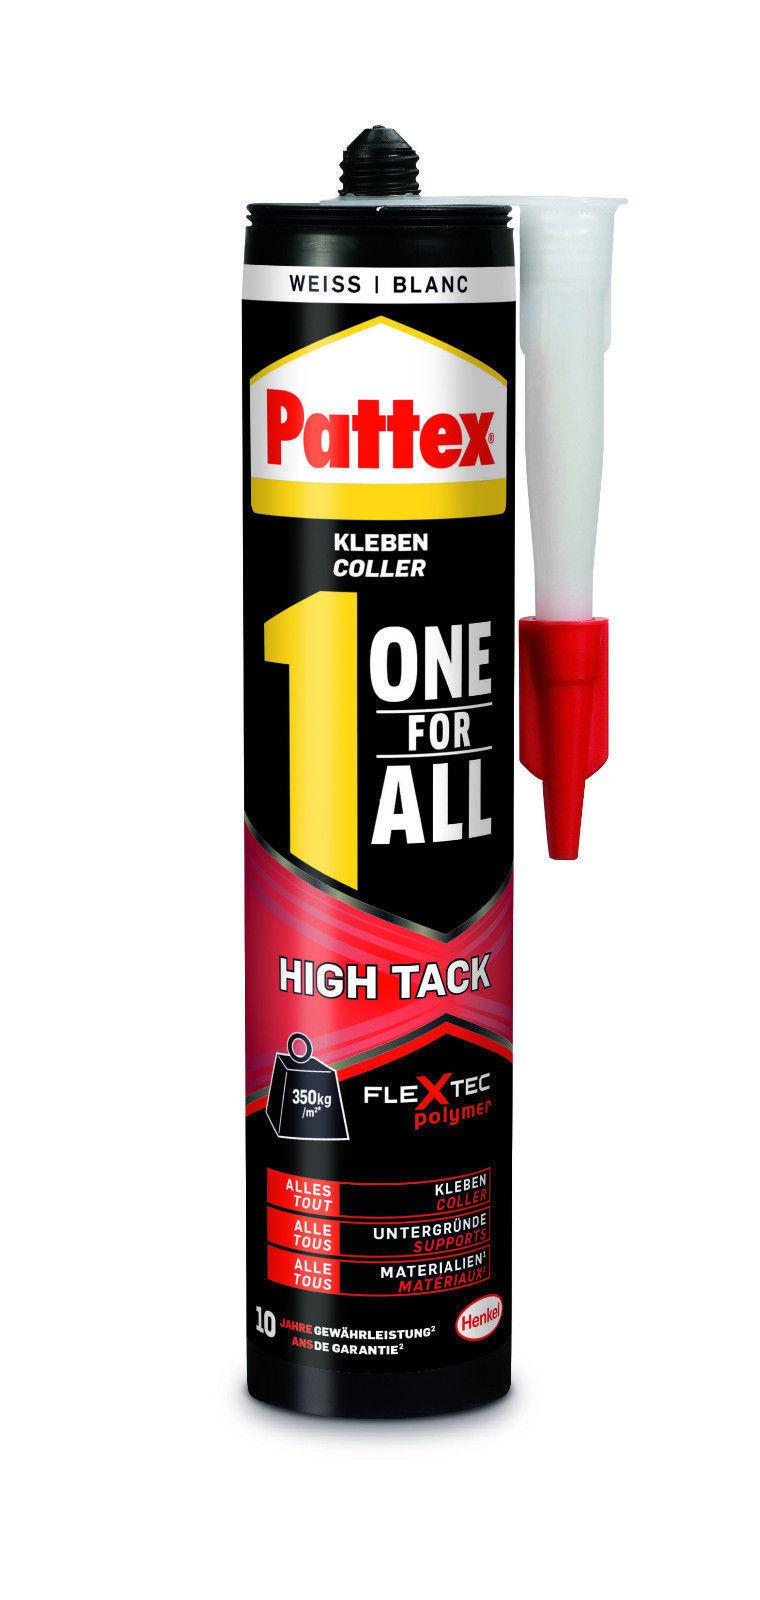 Pattex One For All HighTack Montageklebstoff 3 € (lokal) und ab 4,33 € (ebay) statt 8 €